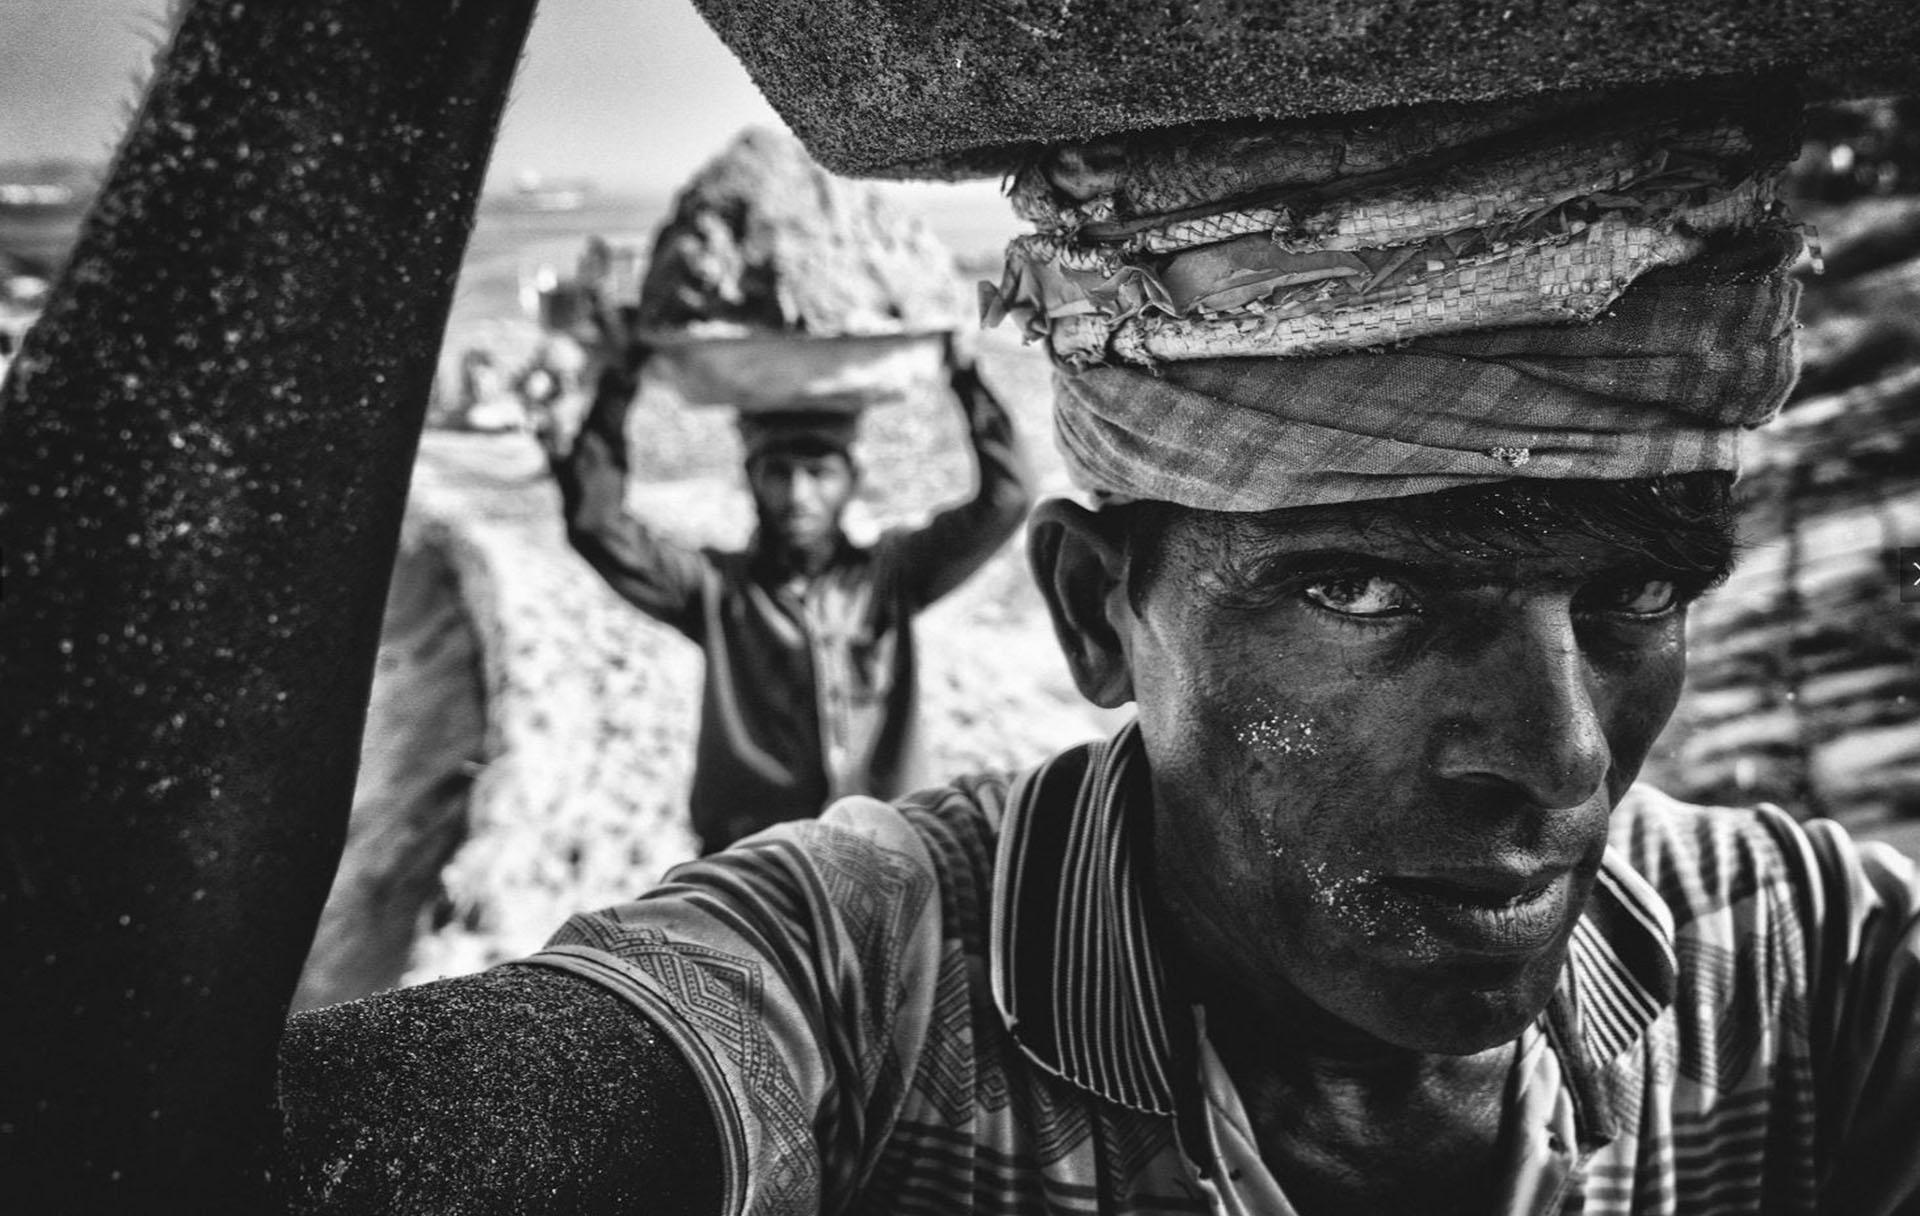 Gente – Voto propular. En Bangladesh, a la orilla del río Dhaleswari, trabajadores cargan arena para presevarla en un lugar cercano. Por Tanveer Hassan Rohan